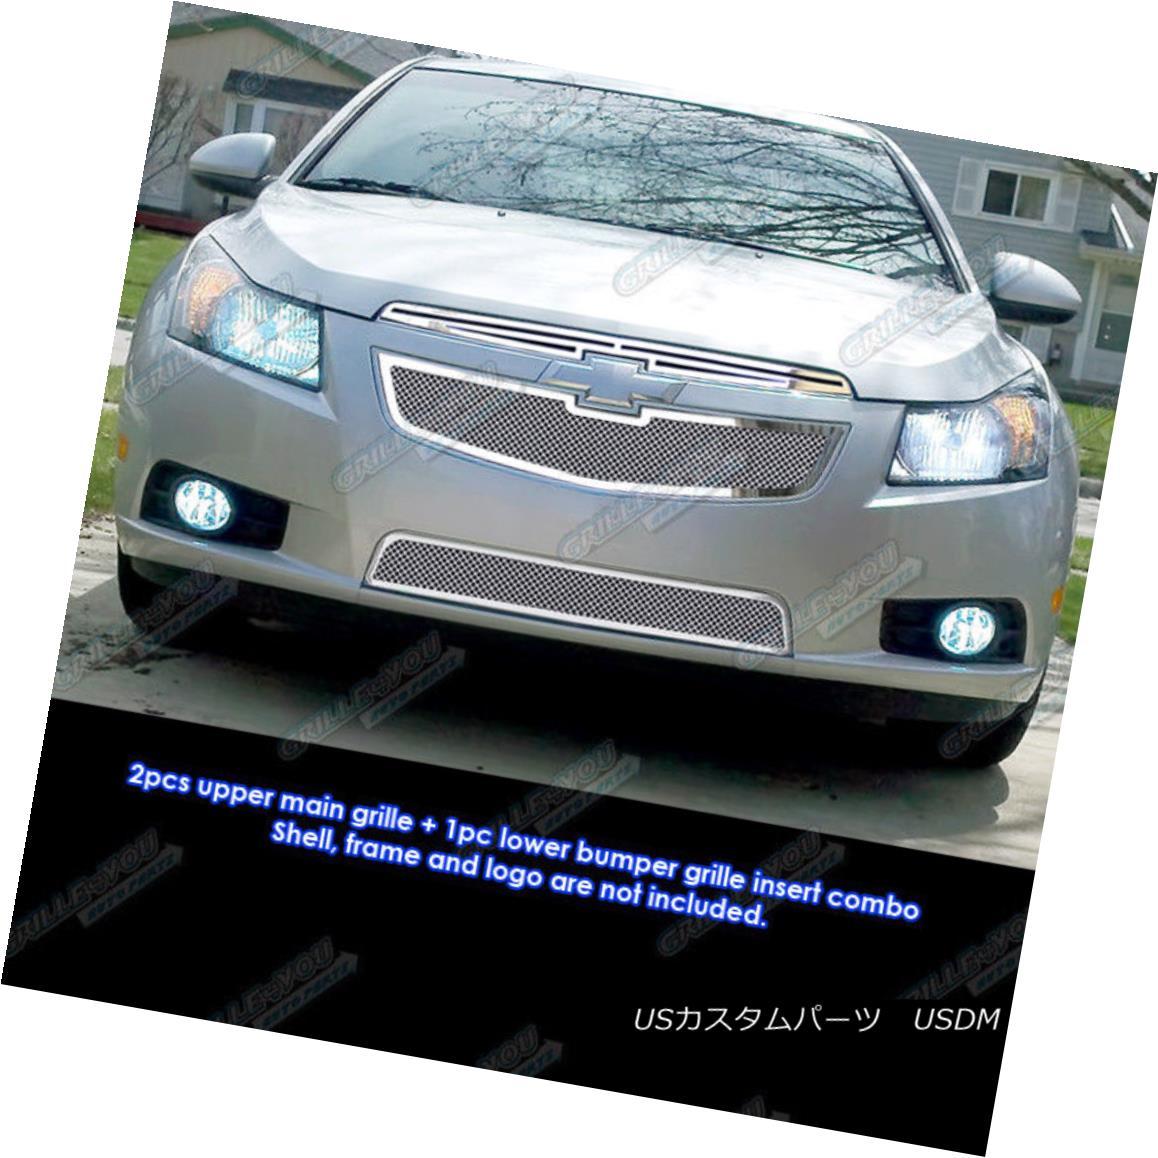 グリル Custom Fits 2011-2013 Chevy Cruze Stainless Steel Mesh Grill Combo カスタムフィット2011年?2013年シボレークルーズステンレスメッシュグリルコンボ